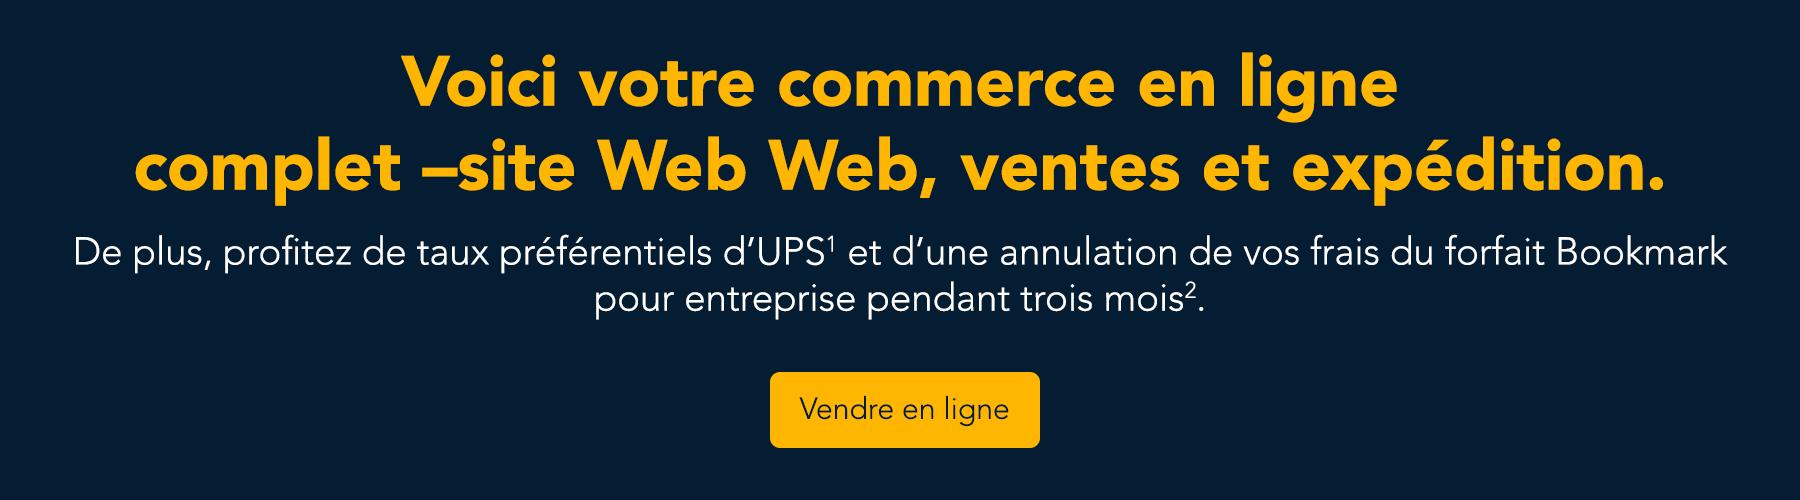 Voici votre commerce en ligne complet : site Web Web, ventes et expédition. De plus, profitez de taux préférentiels d'UPS et d'une annulation de vos frais du forfait Bookmark pour entreprise pendant trois mois. Vendre en ligne.